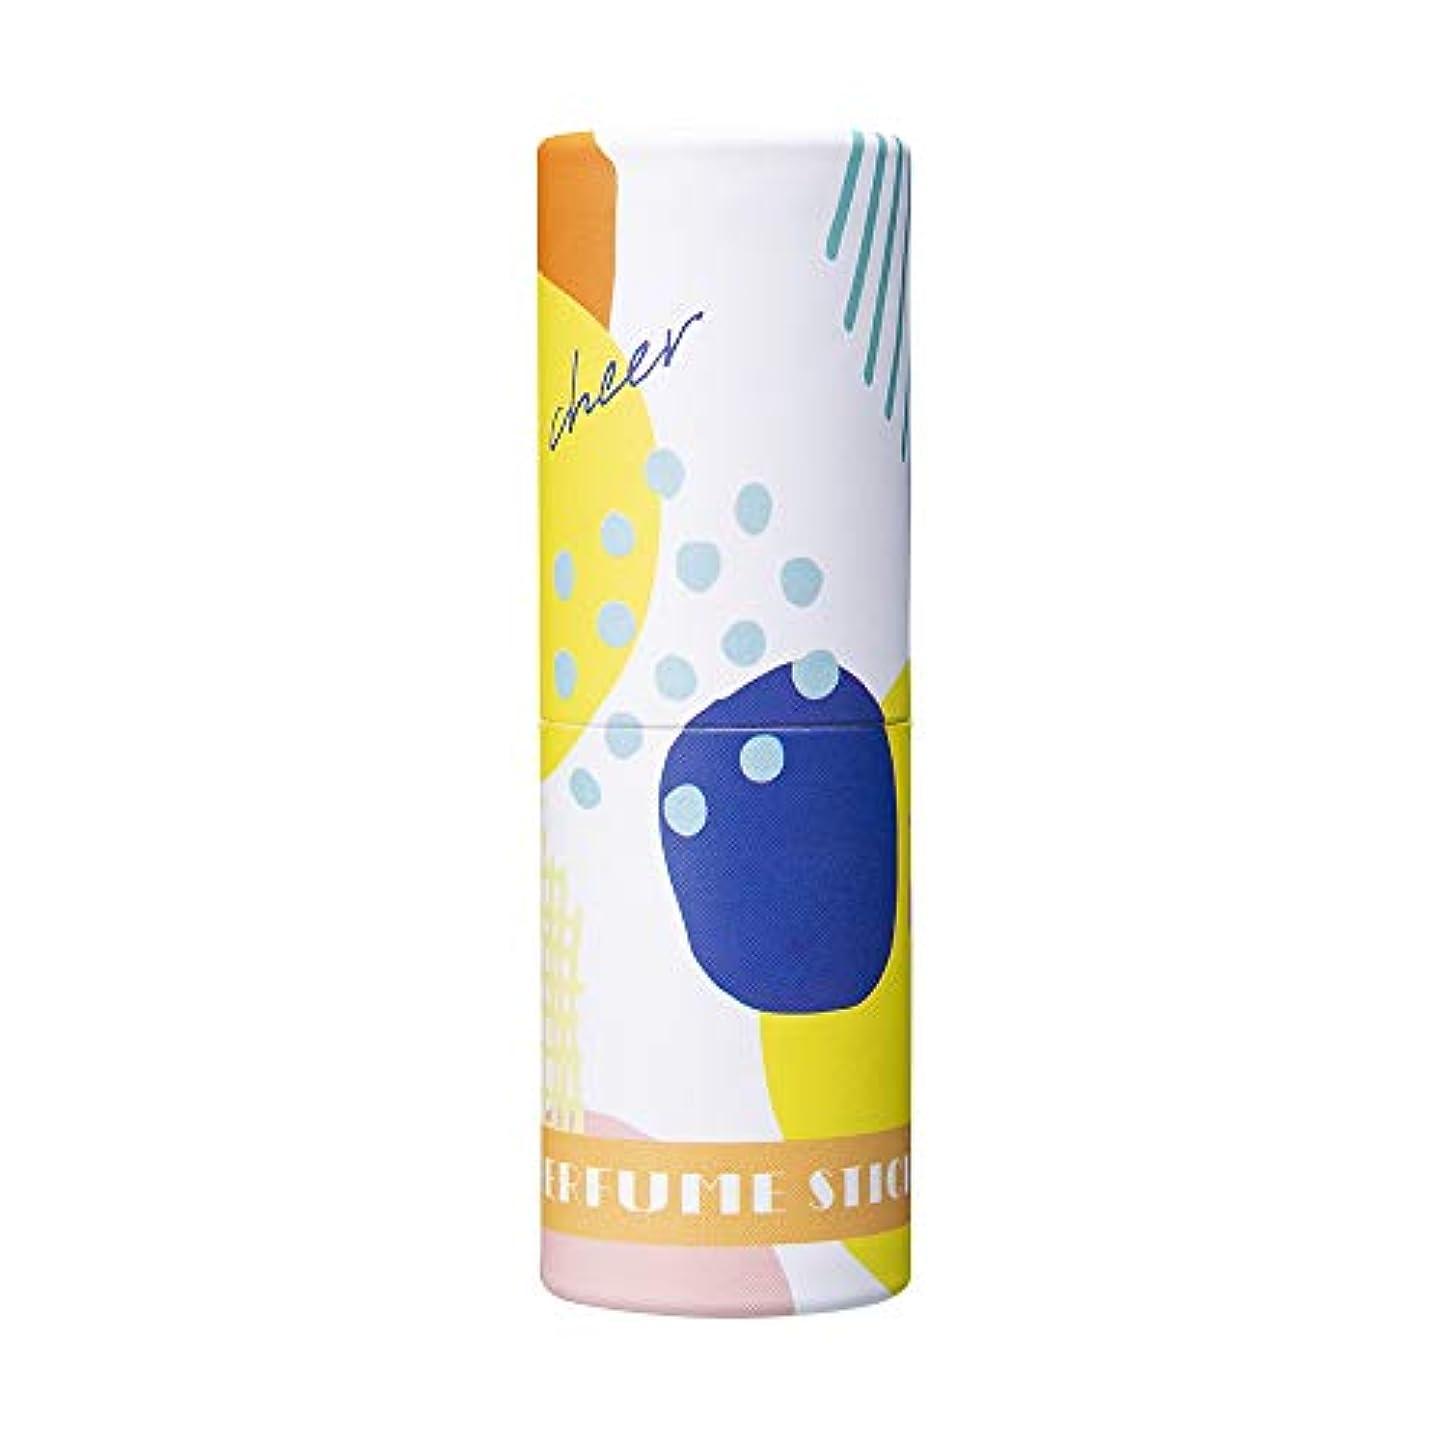 ベリ金属コインパフュームスティック チアー シトラス&シャボンの香り オリジナルデザイン 5g